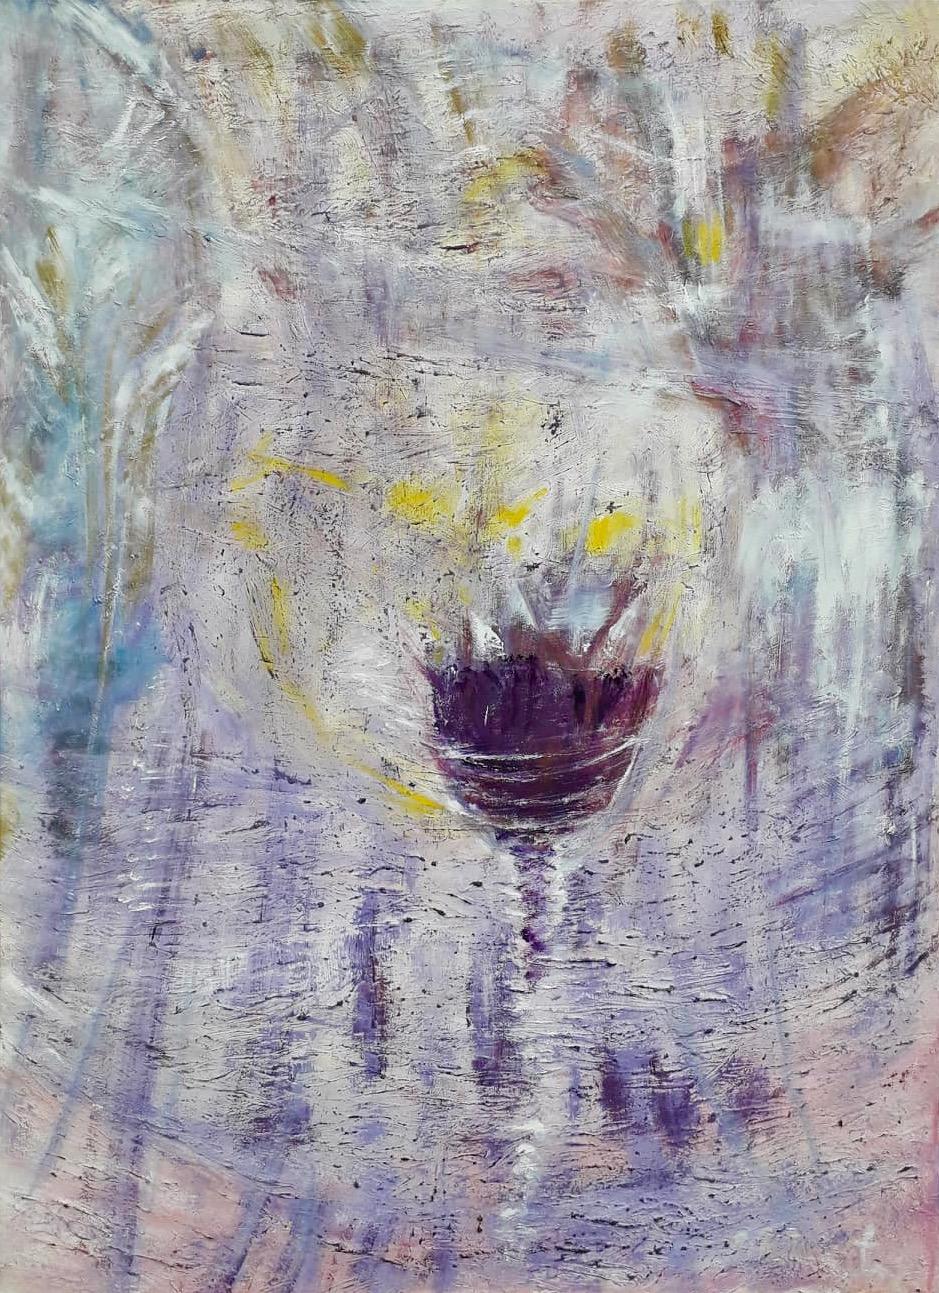 Gral, Öl, 100 x 80cm